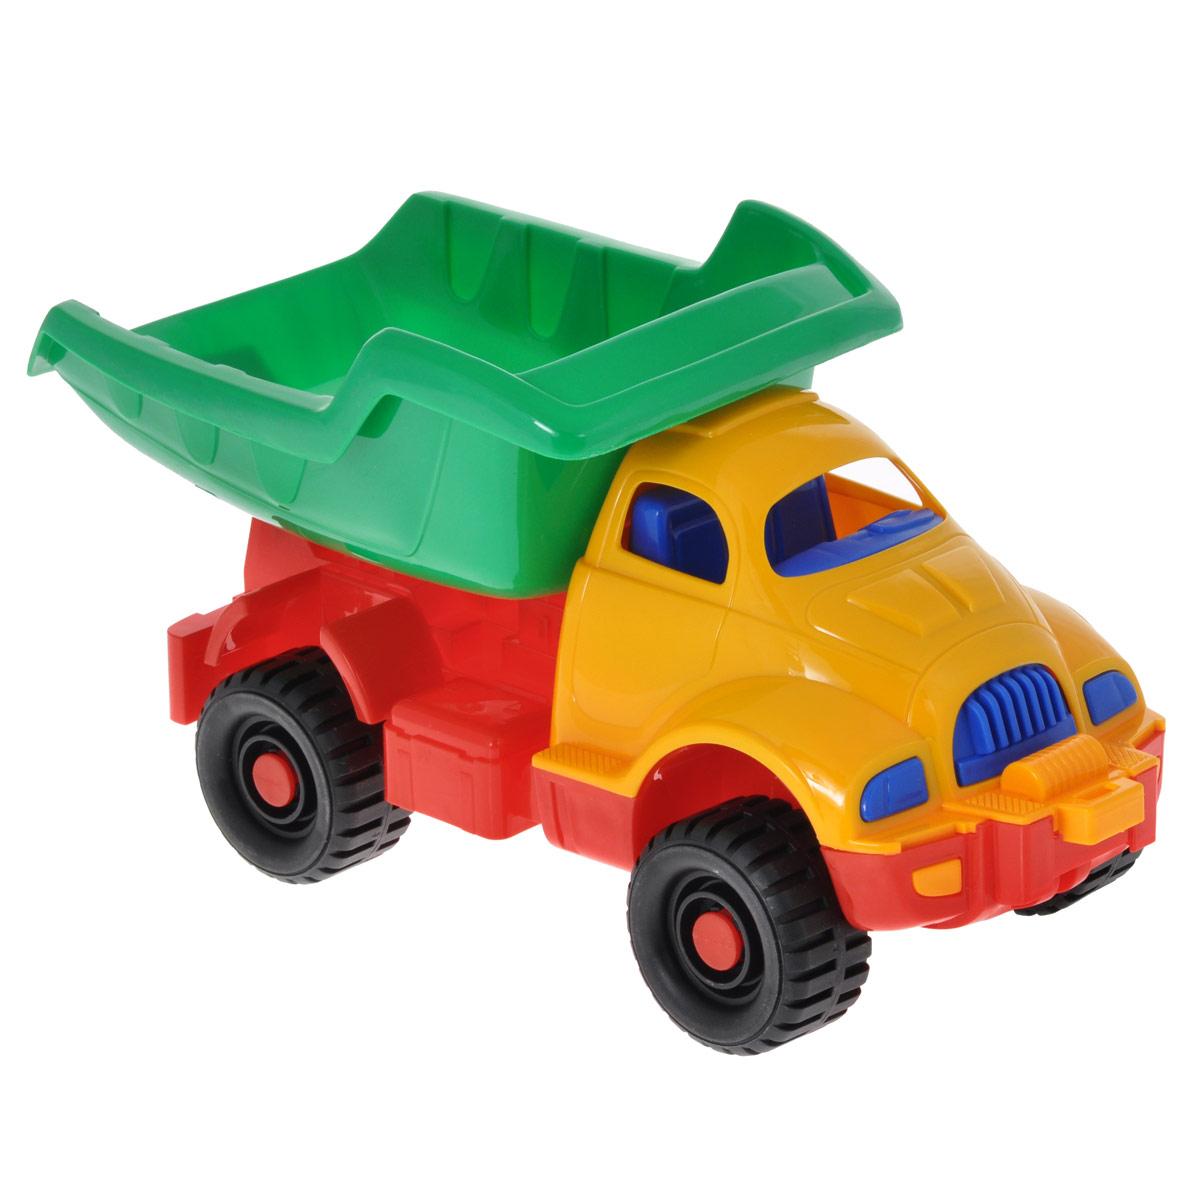 """Яркий грузовик """"Космический"""", изготовленный из прочного безопасного материала желтого, зеленого и красного цветов, отлично подойдет ребенку для различных игр. Грузовик - прекрасный помощник на строительной площадке. С его помощью можно перевозить камни, песок, ветки и другие грузы. Его кузов поднимается и опускается, а в кабину можно посадить маленькую игрушку. Большие колеса с крупным протектором обеспечивают грузовику устойчивость и хорошую проходимость. Ваш юный строитель сможет прекрасно провести время дома или на улице, воспроизводя свою стройку."""